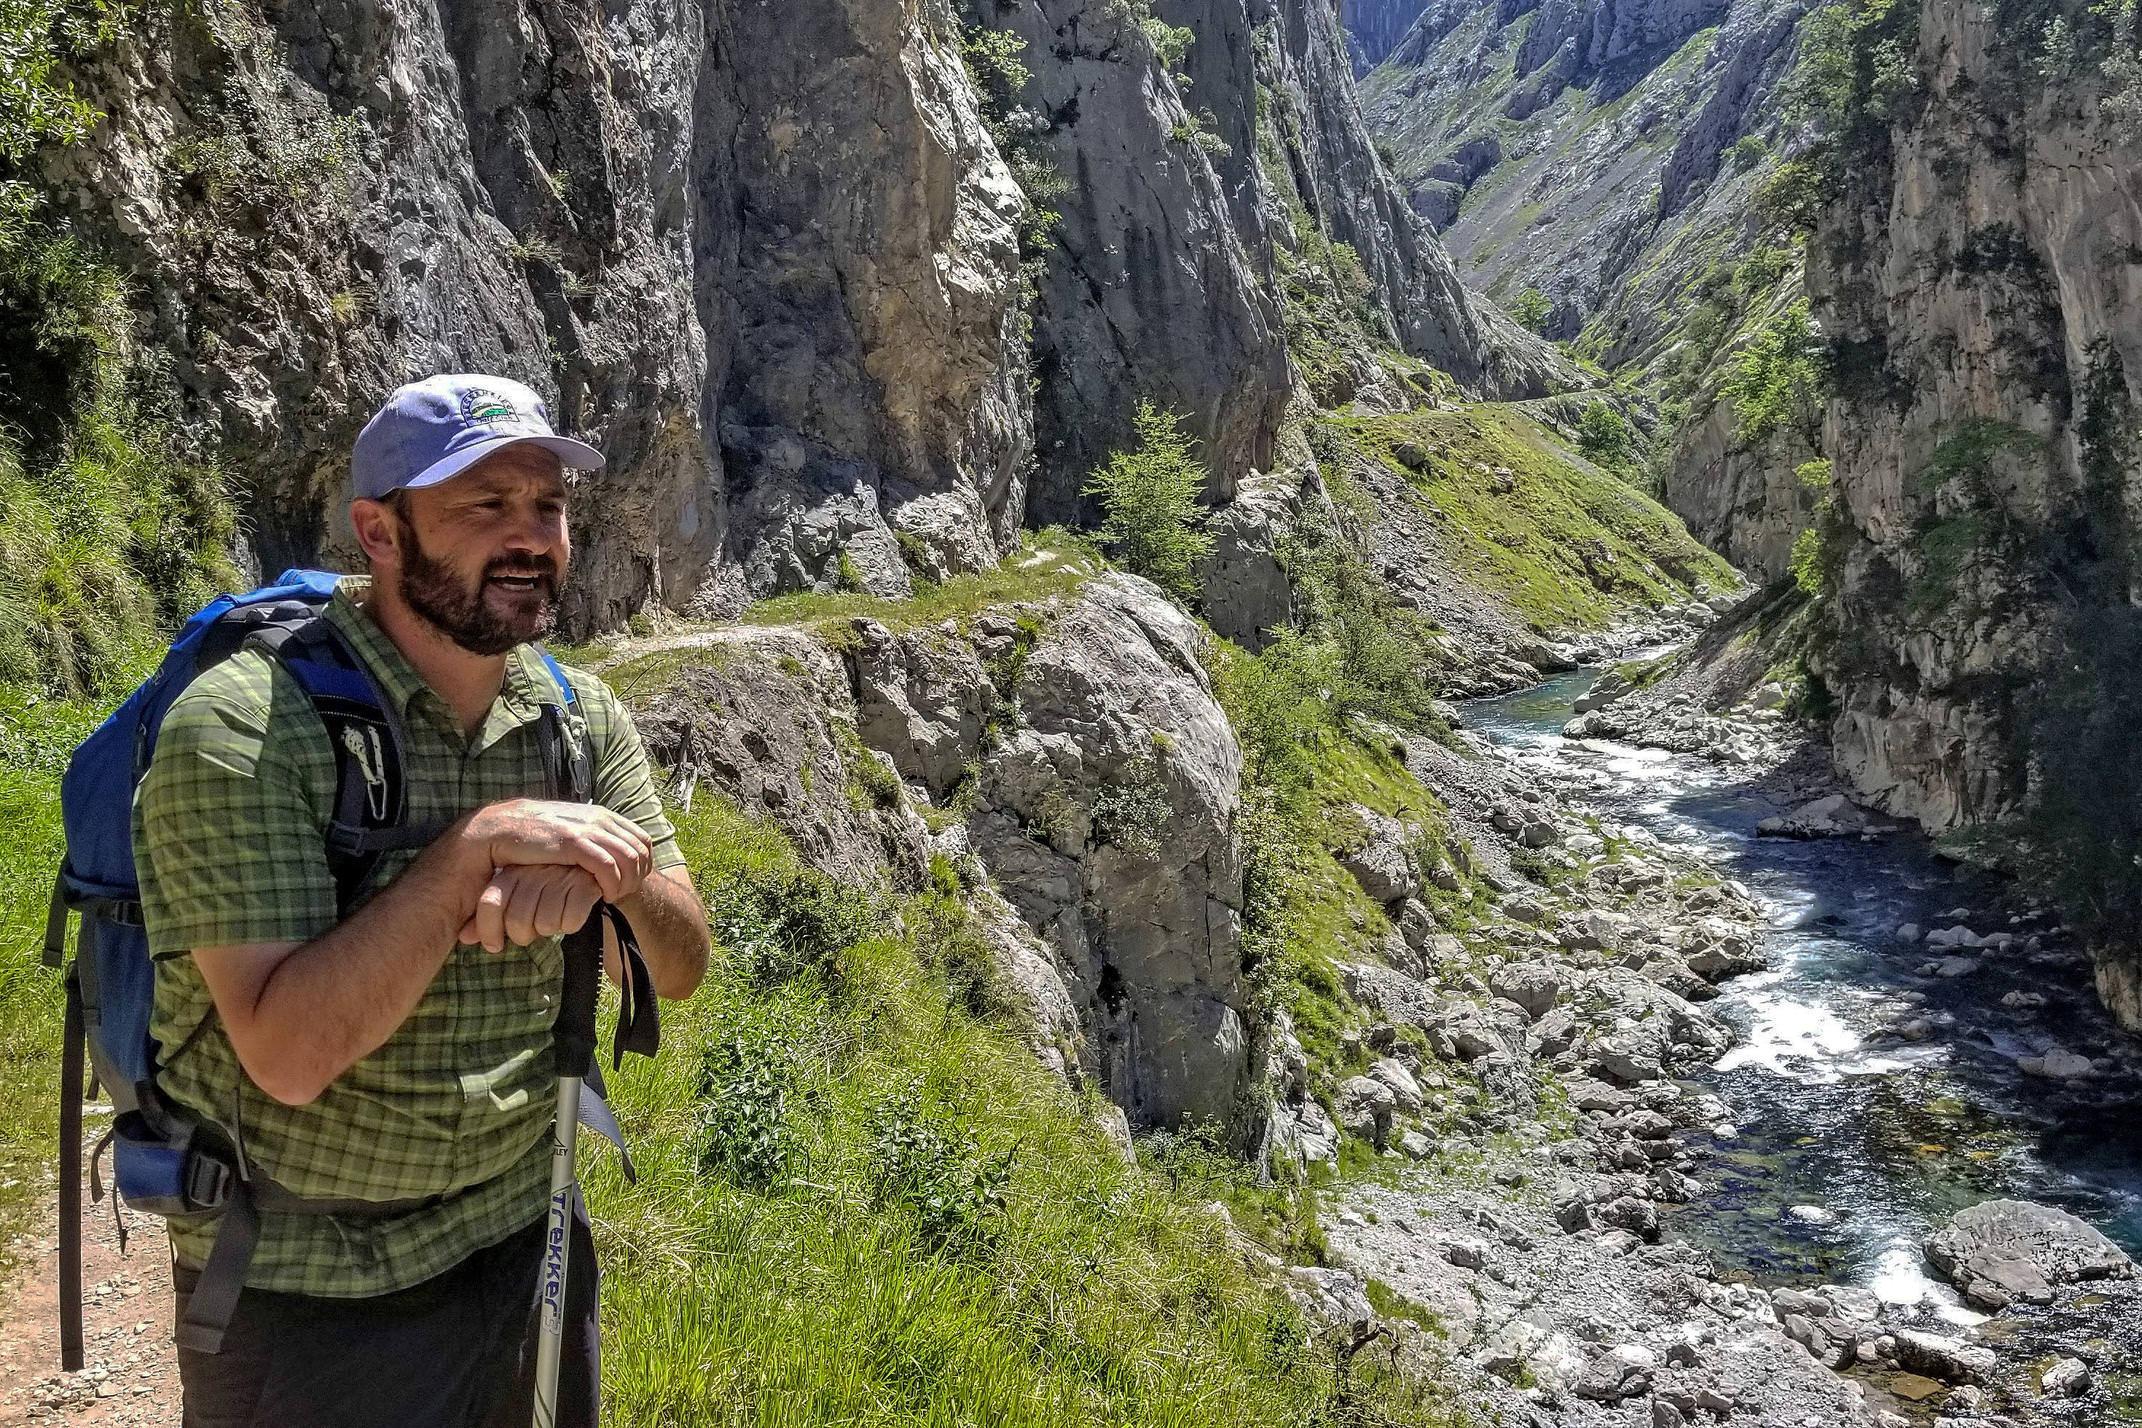 Spain picos asturias cares diego guide c guest cynthia